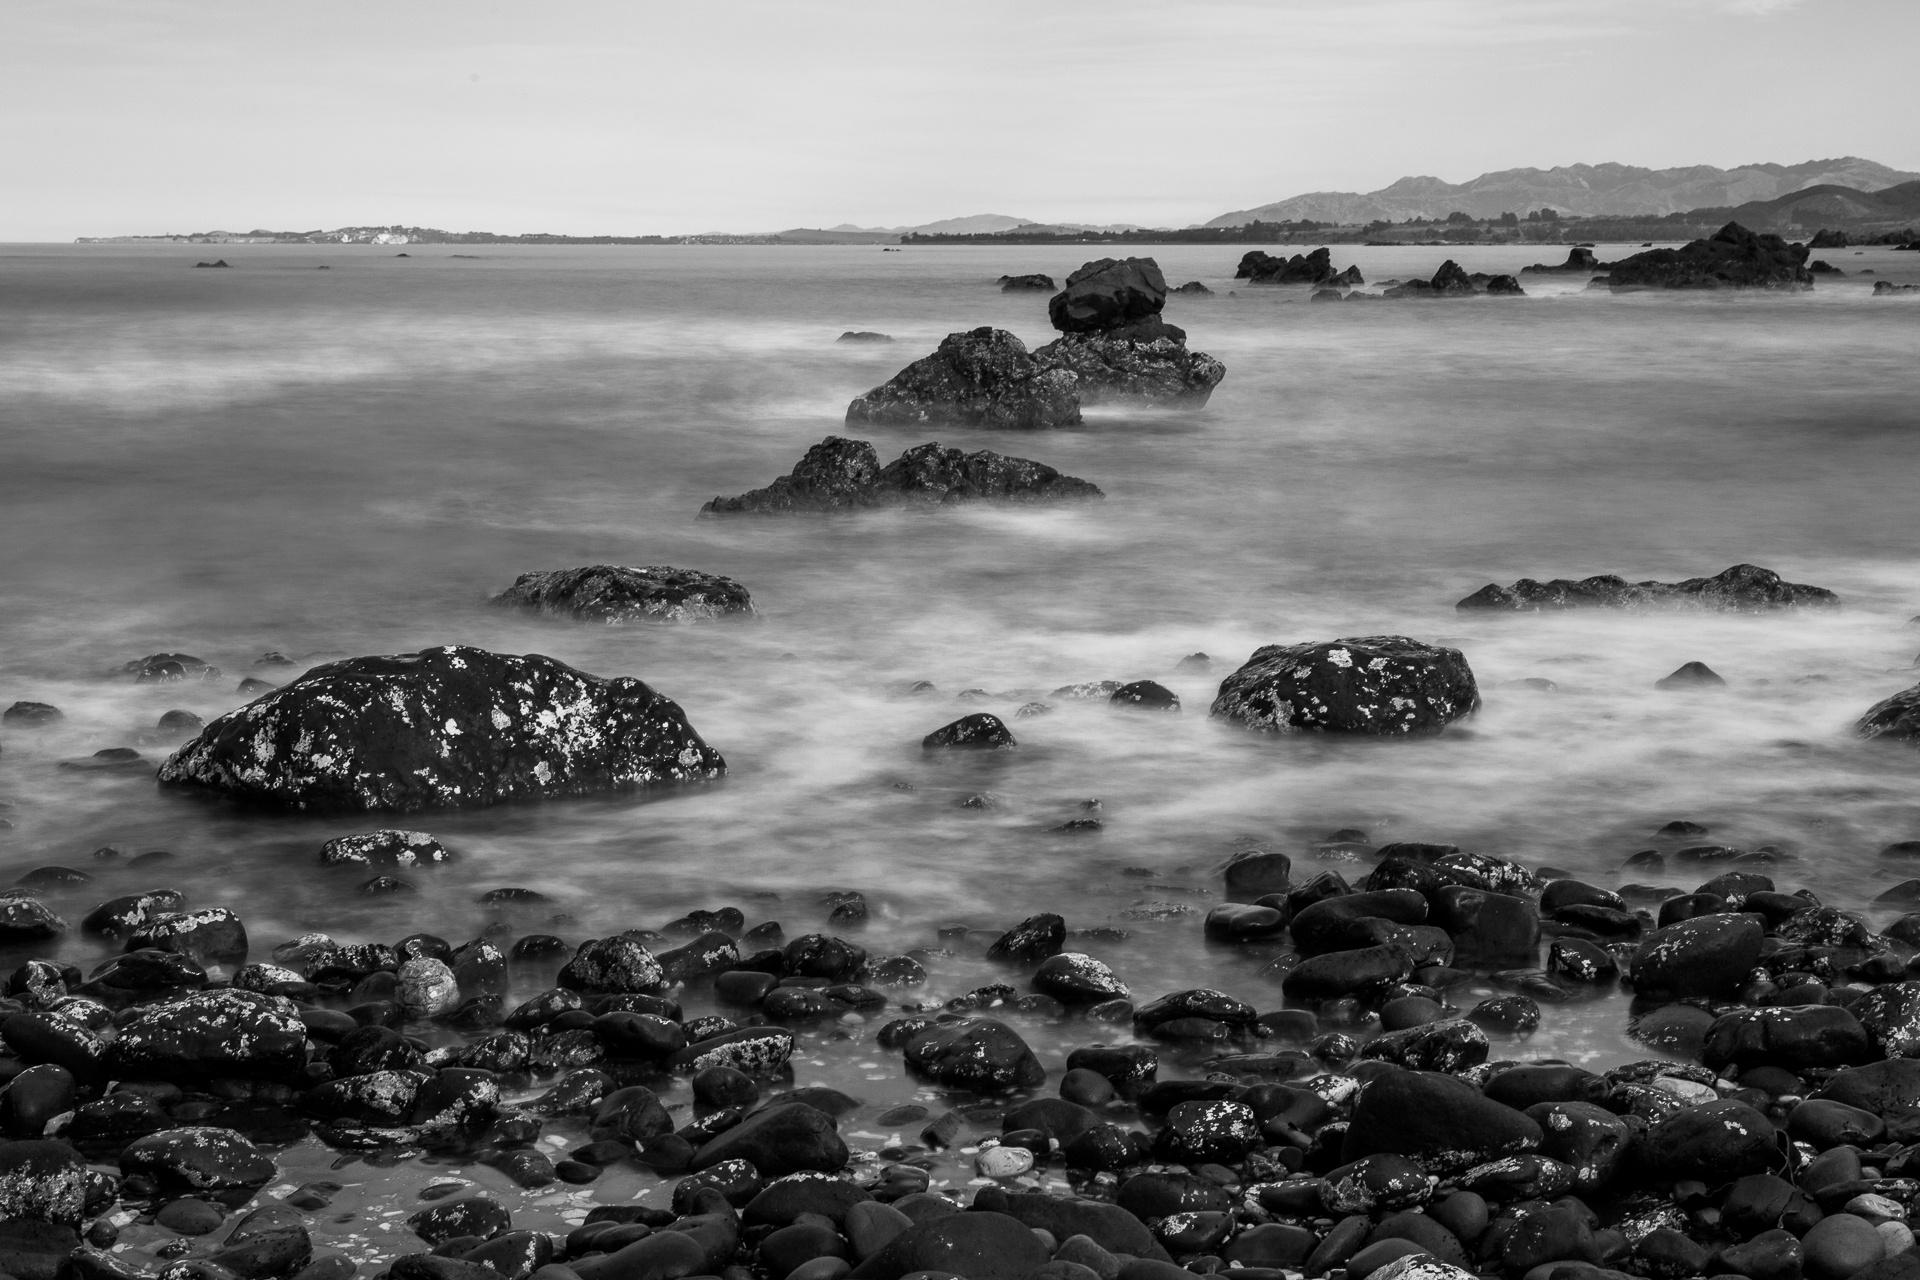 The wild, rocky Kaikoura coastline